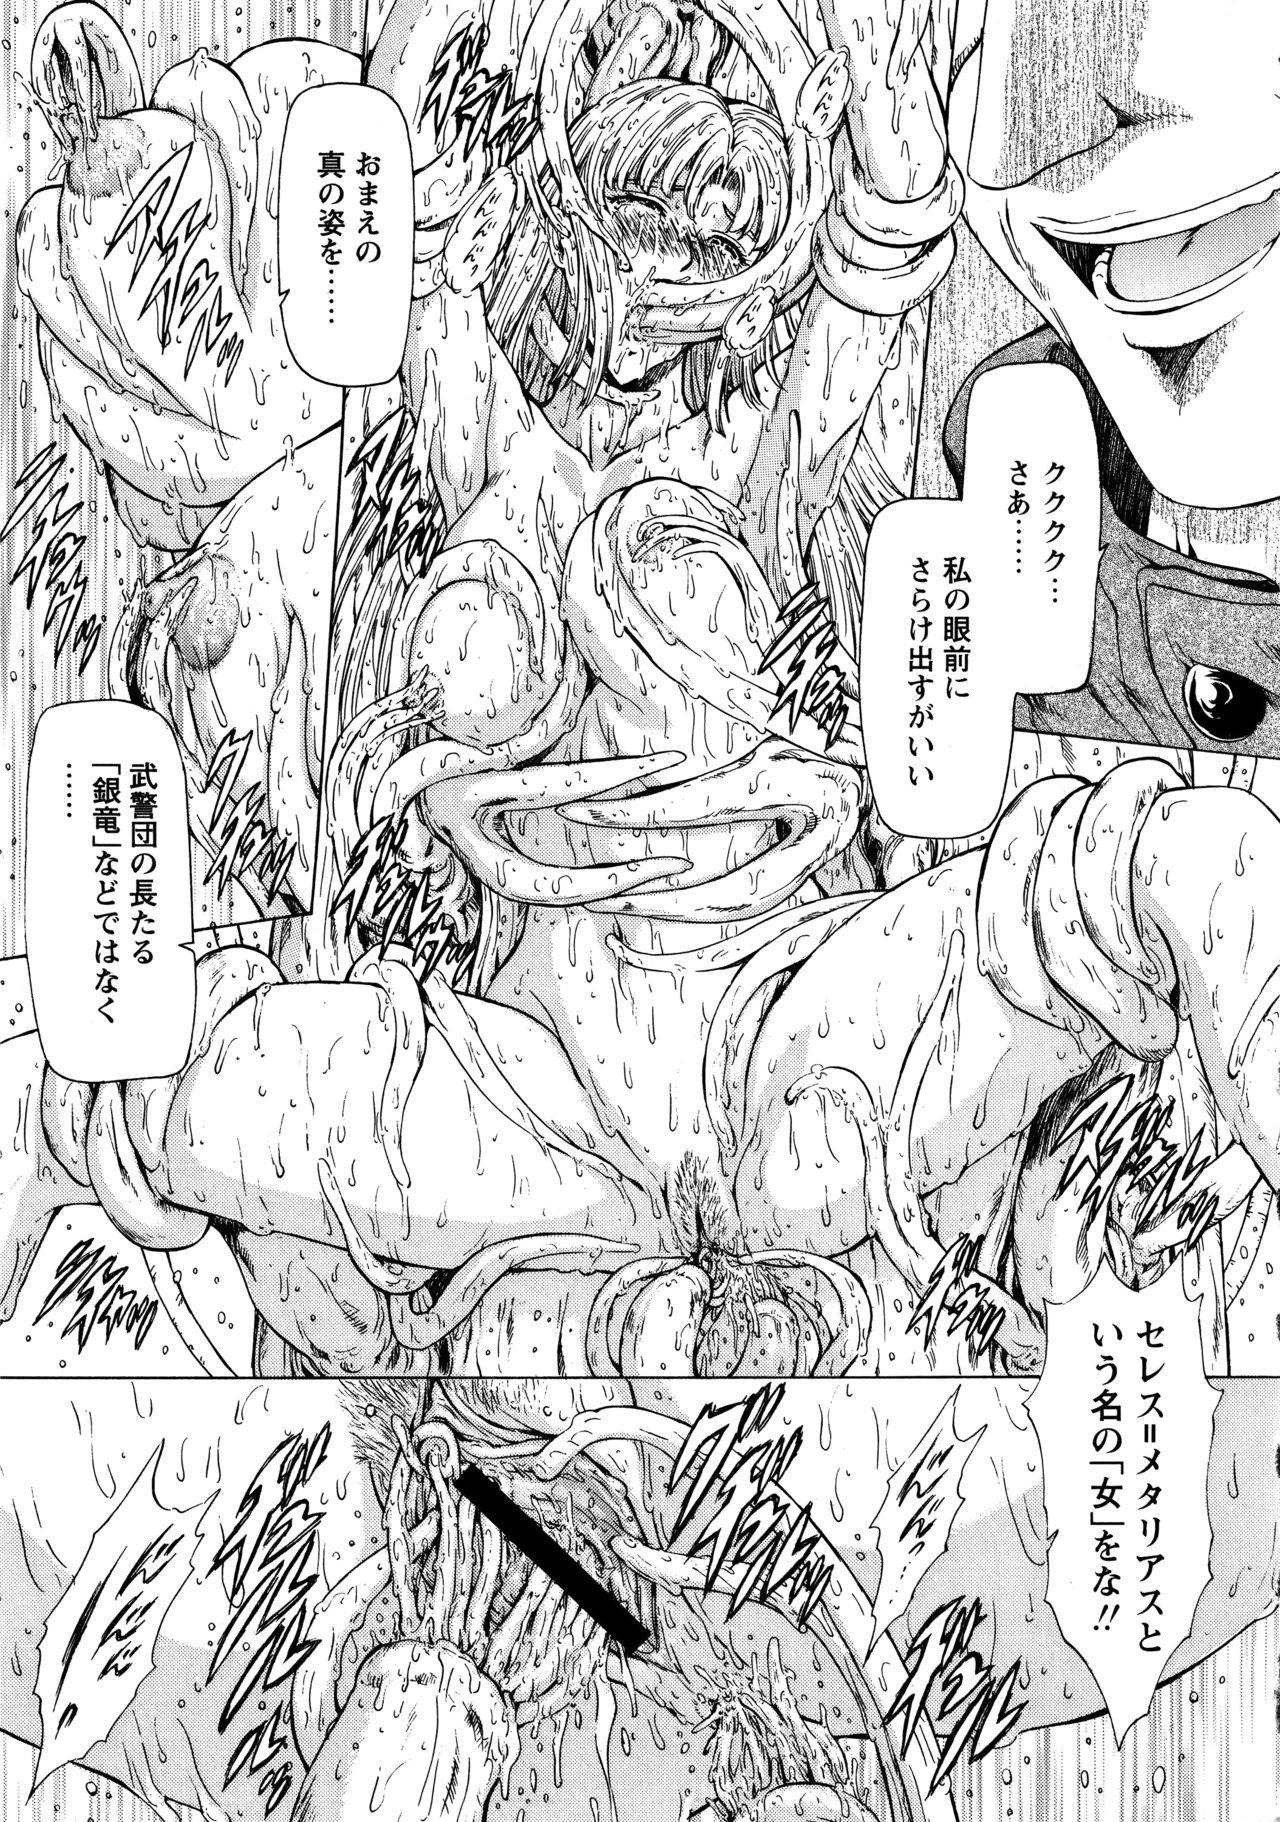 Ginryuu no Reimei Vol. 1 168